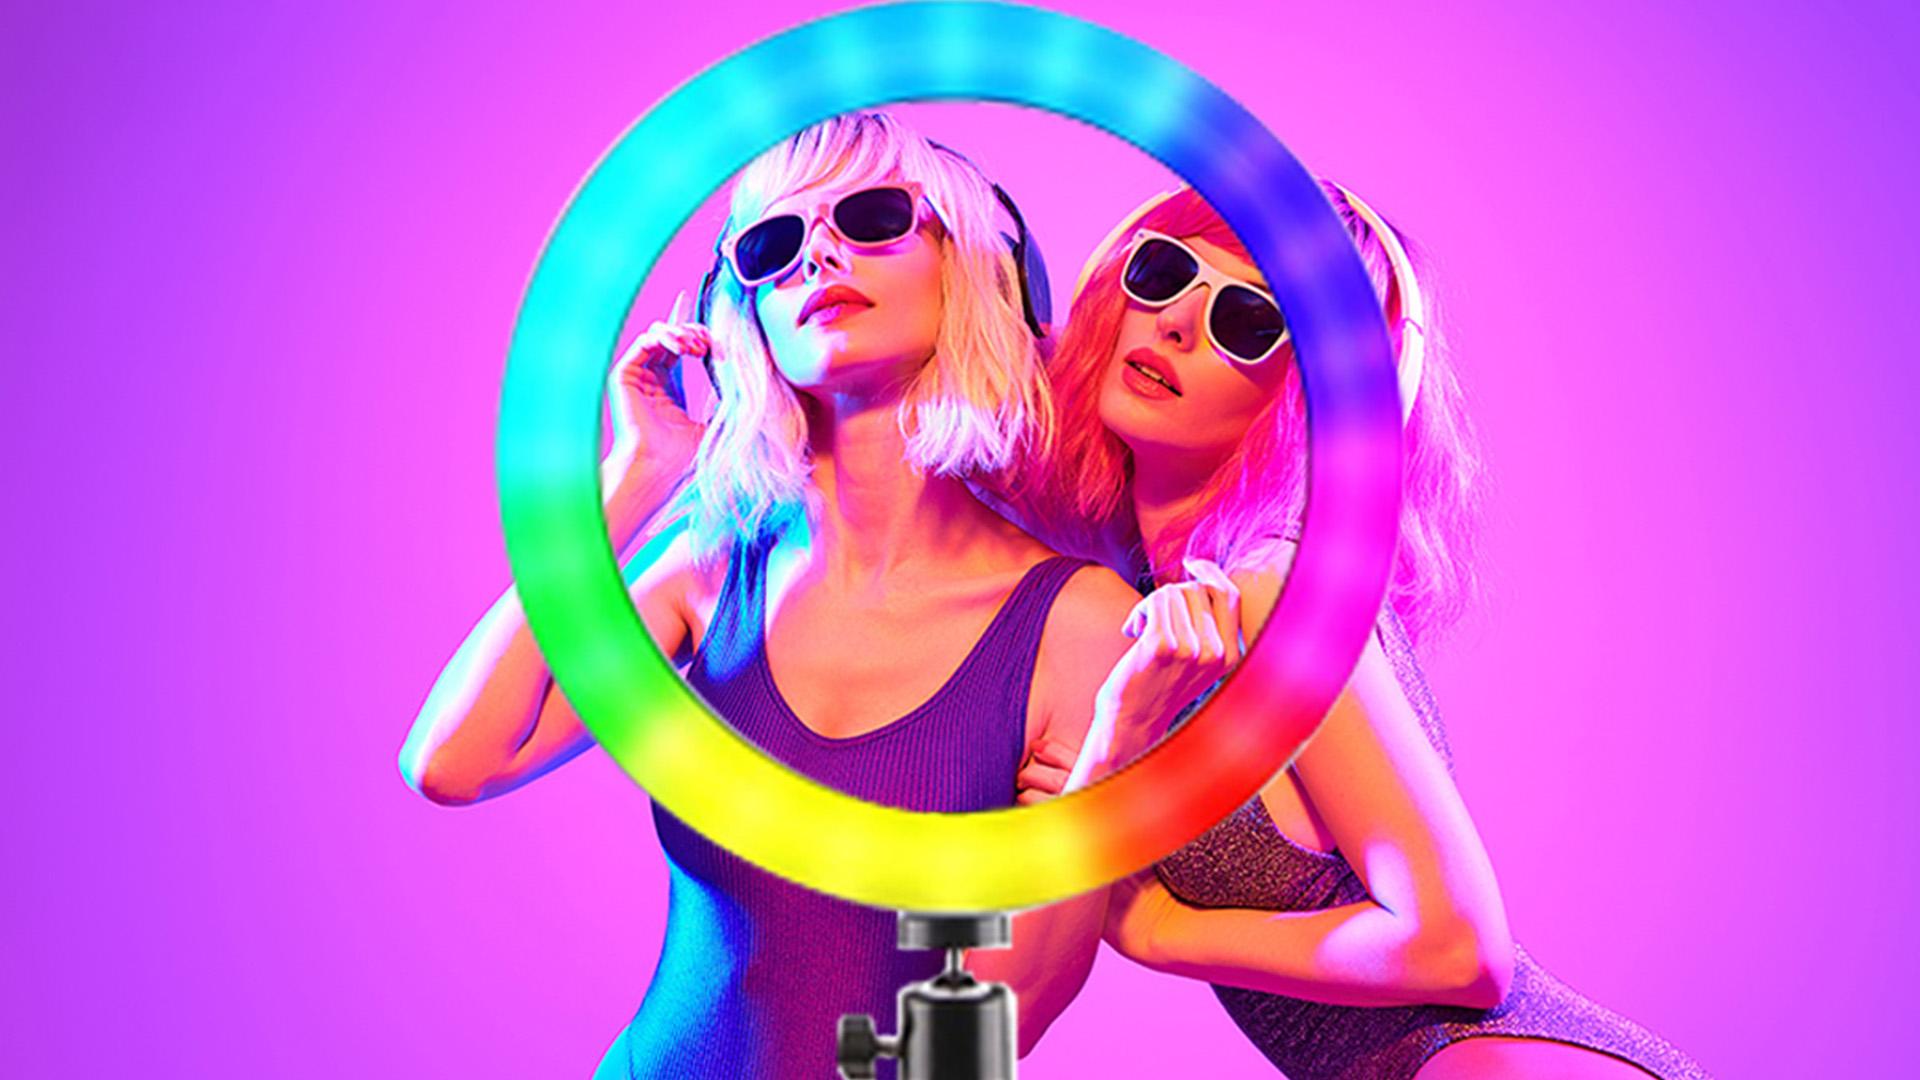 8 Inch 10 Inch Halo Bảng Usb Beauty Video Studio Ảnh Vòng Tròn Đèn RGB Led Tự Sướng Vòng Ánh Sáng Với Tripod Đứng